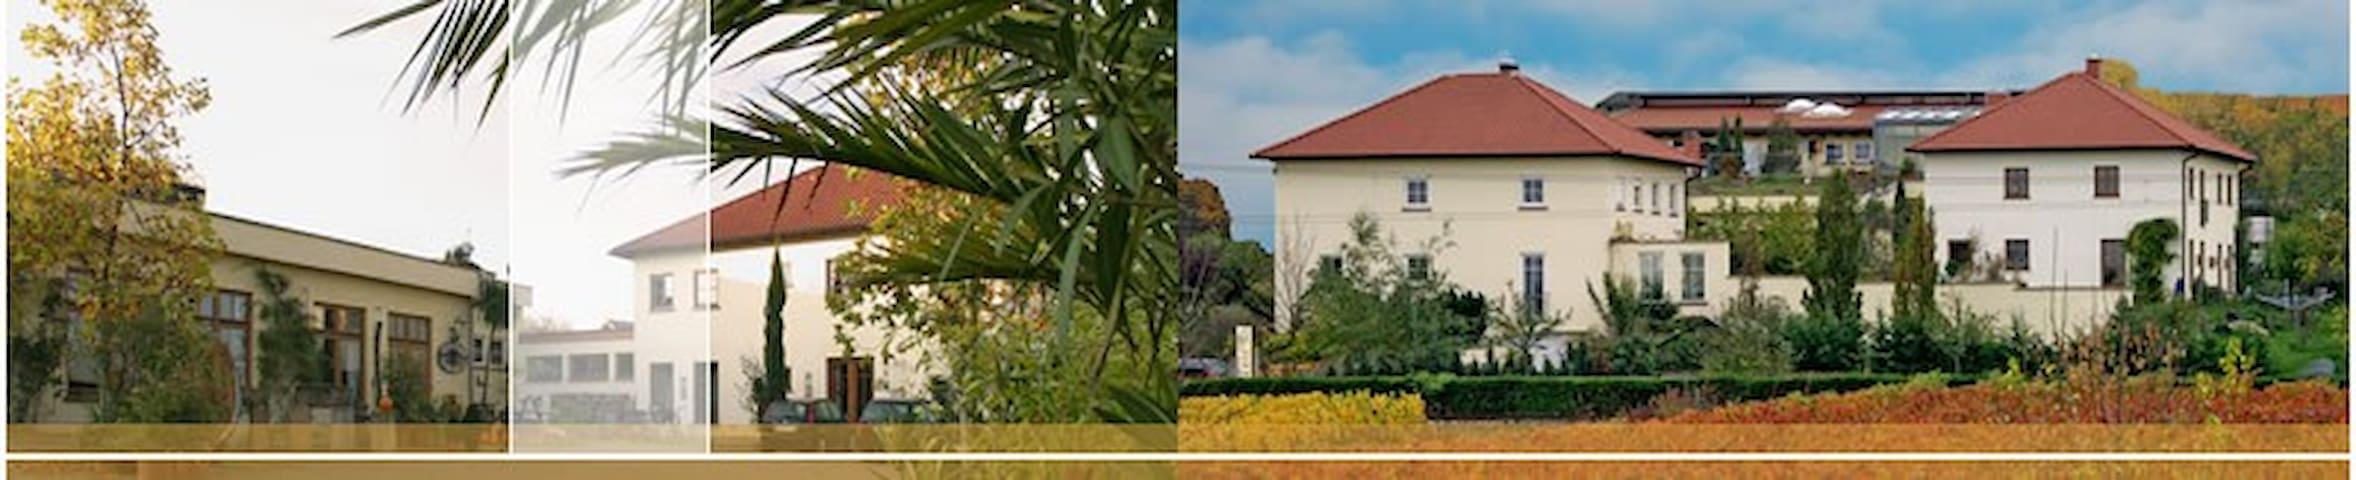 Einliegerwohnung auf einem Weingut - Bad Dürkheim - Apartamento